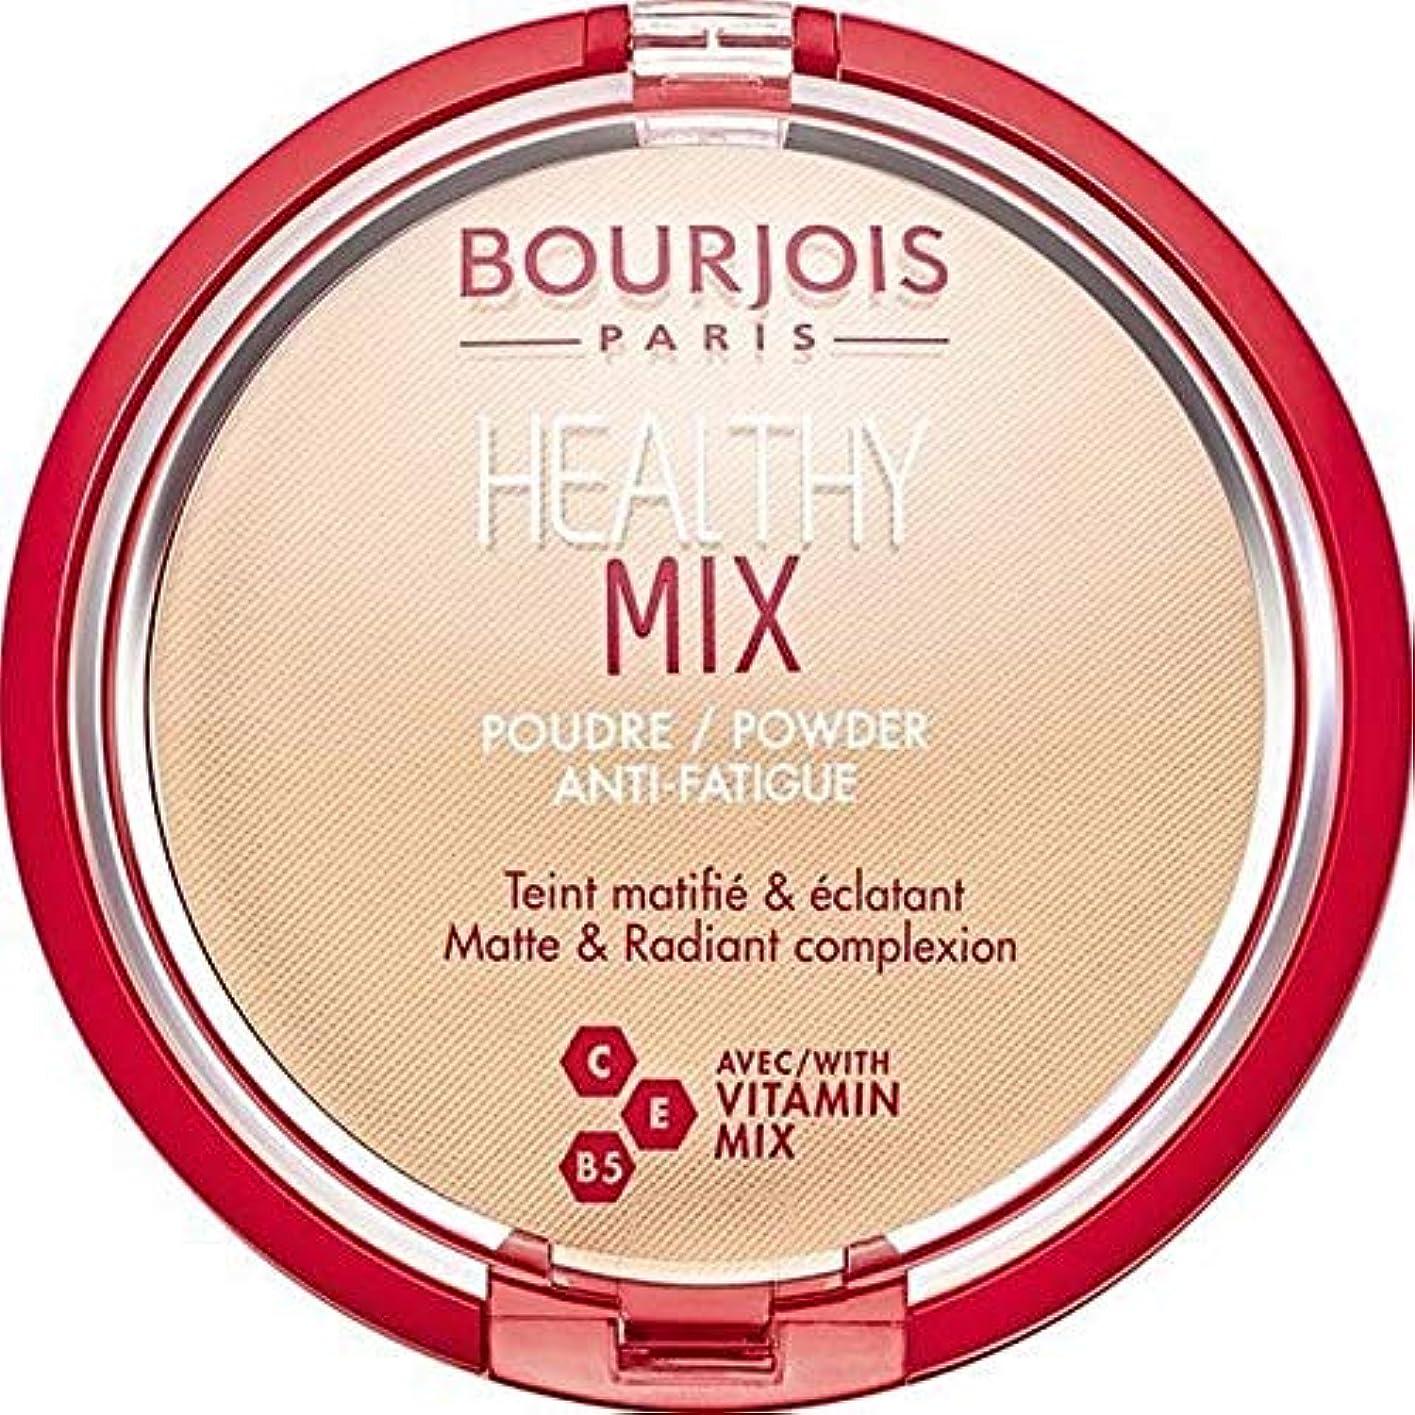 継承アルプスプロペラ[Bourjois ] ブルジョワヘルシーミックス粉1を押します - Bourjois Healthy Mix Pressed Powder 1 [並行輸入品]